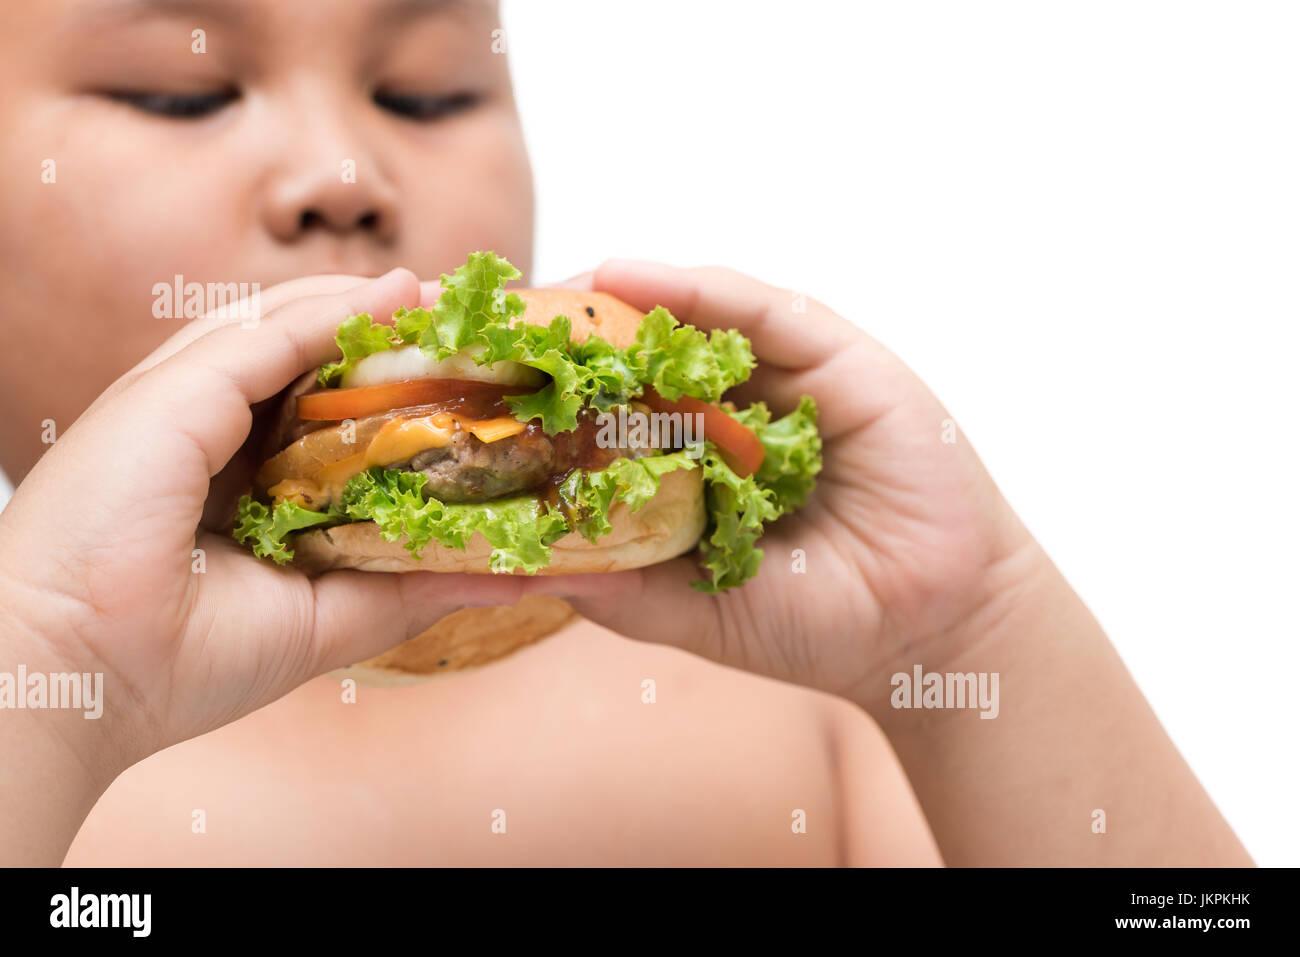 Schweinefleisch-Hamburger auf übergewichtige Dicke Hand Hintergrund isoliert auf weiß, ungesunde Lebensmittel, Stockbild